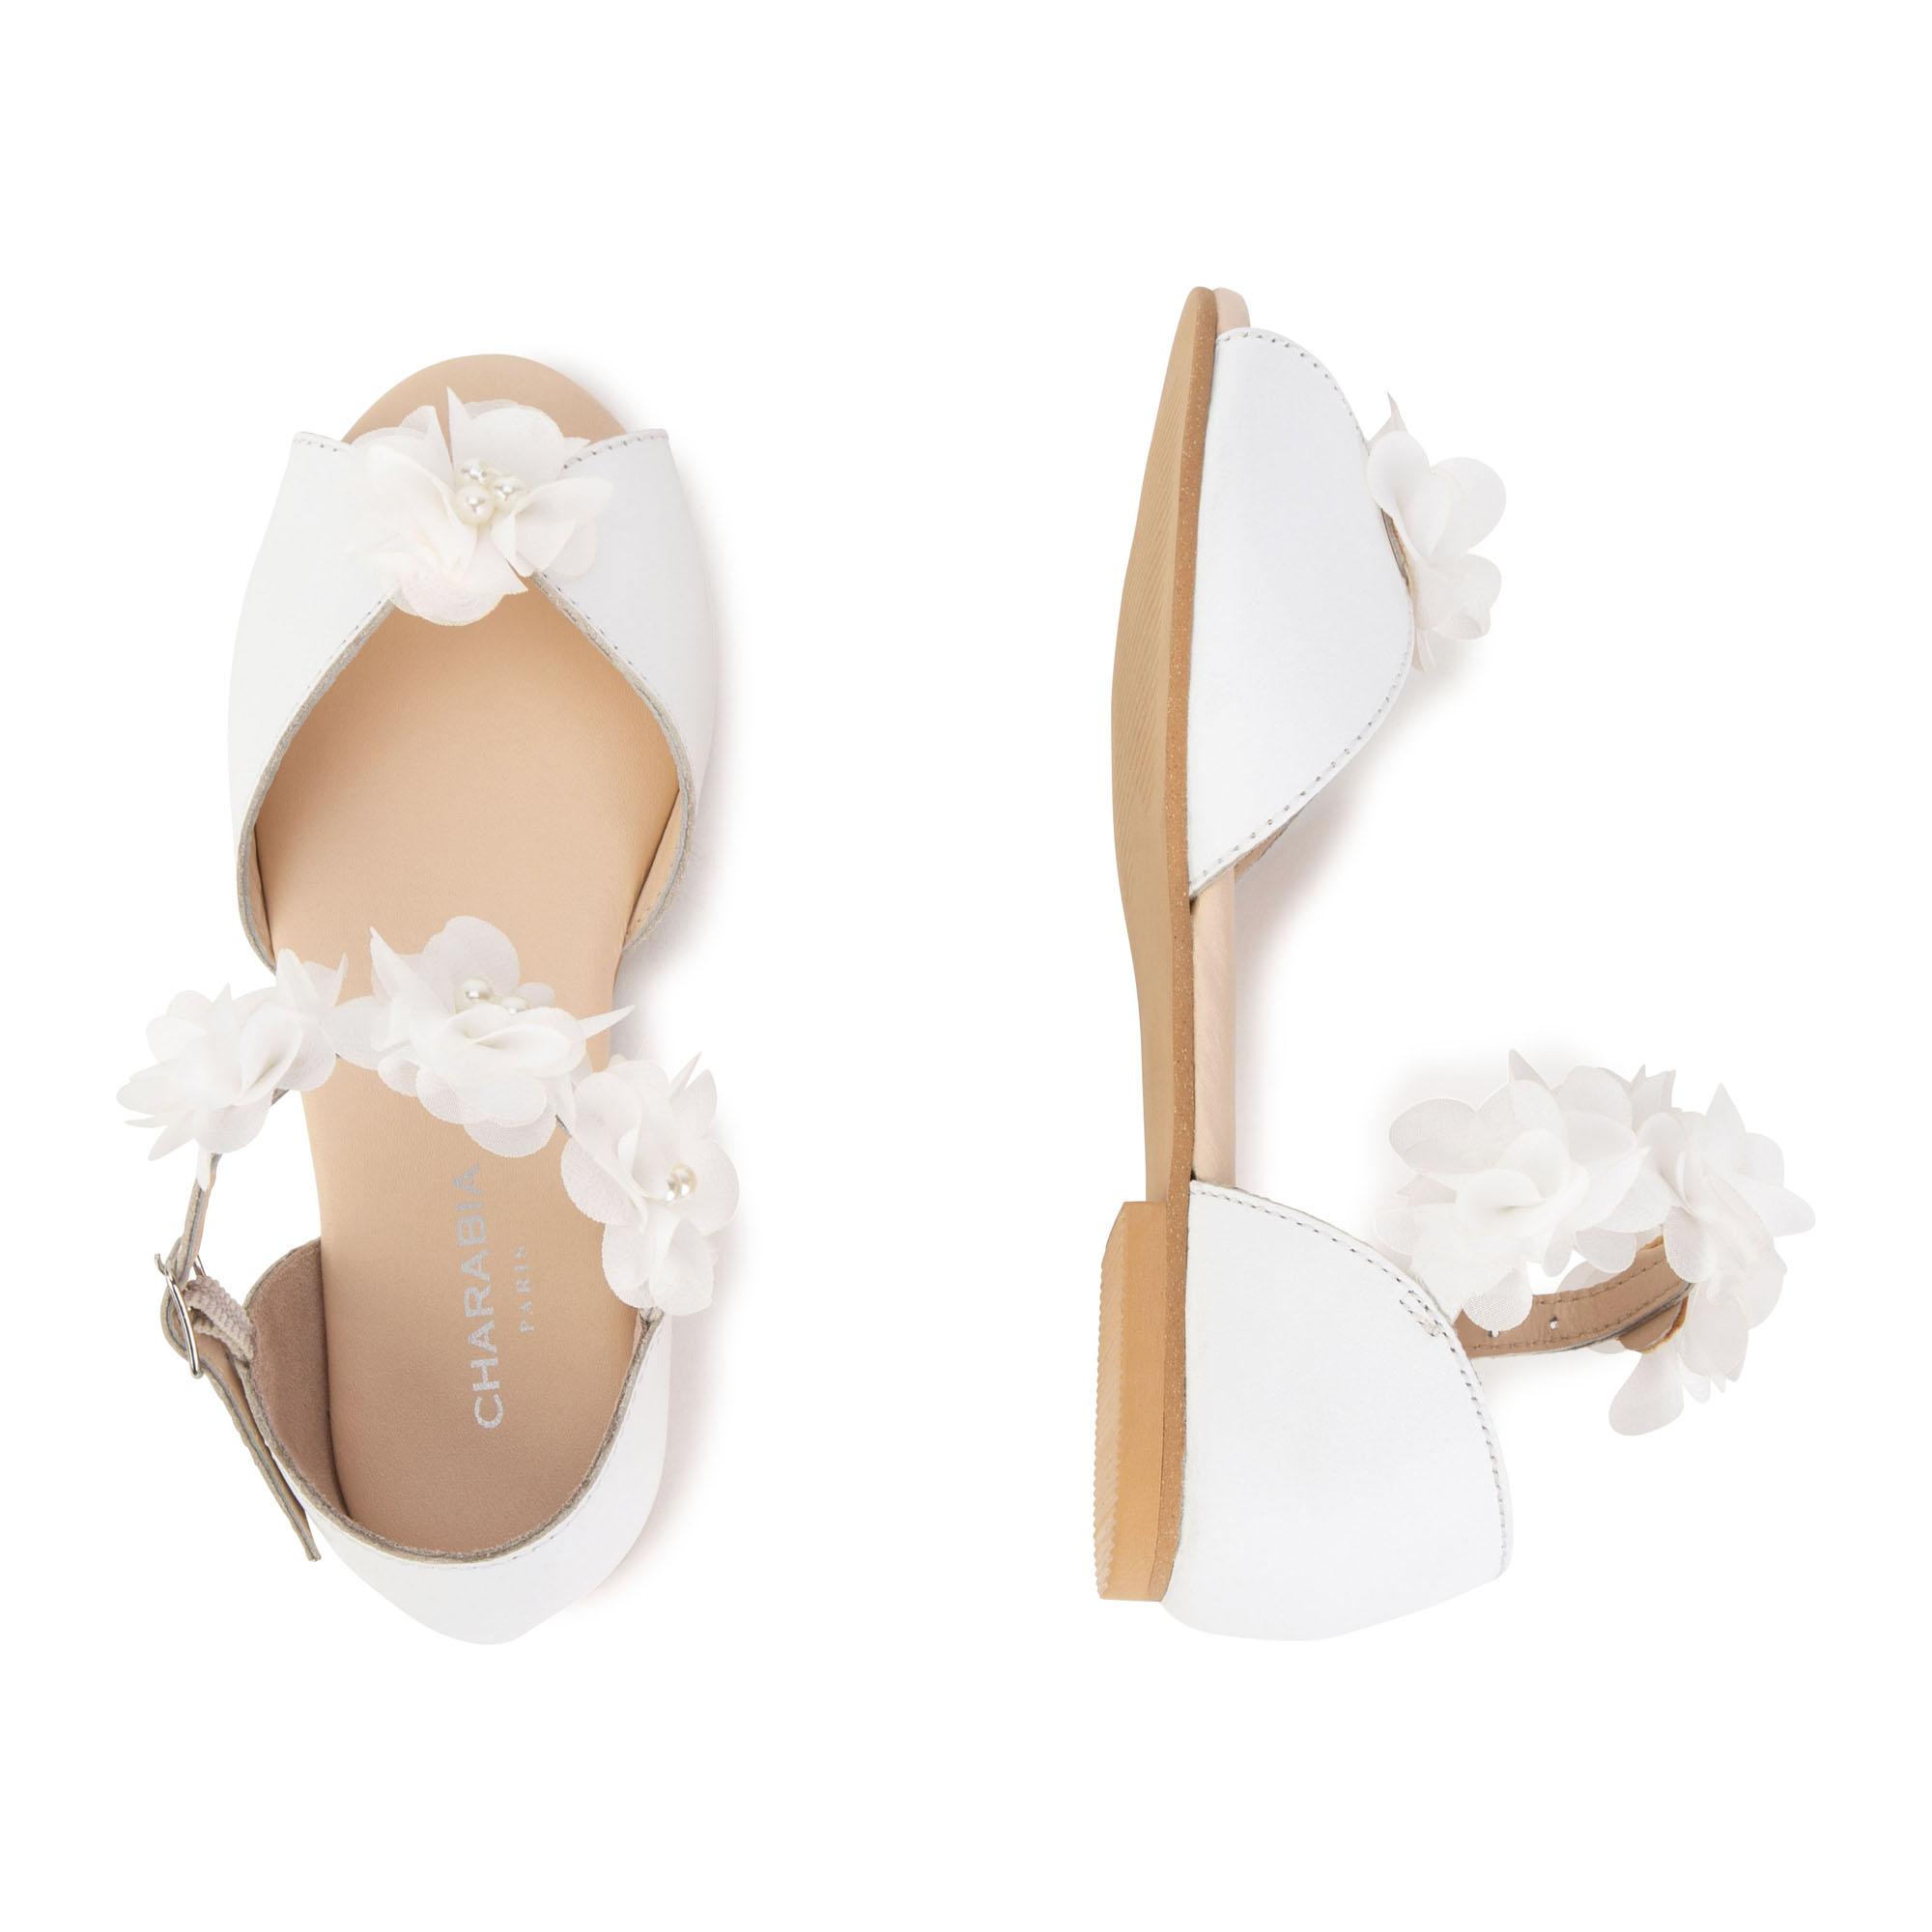 Sandales en cuir avec fleurs CHARABIA pour FILLE